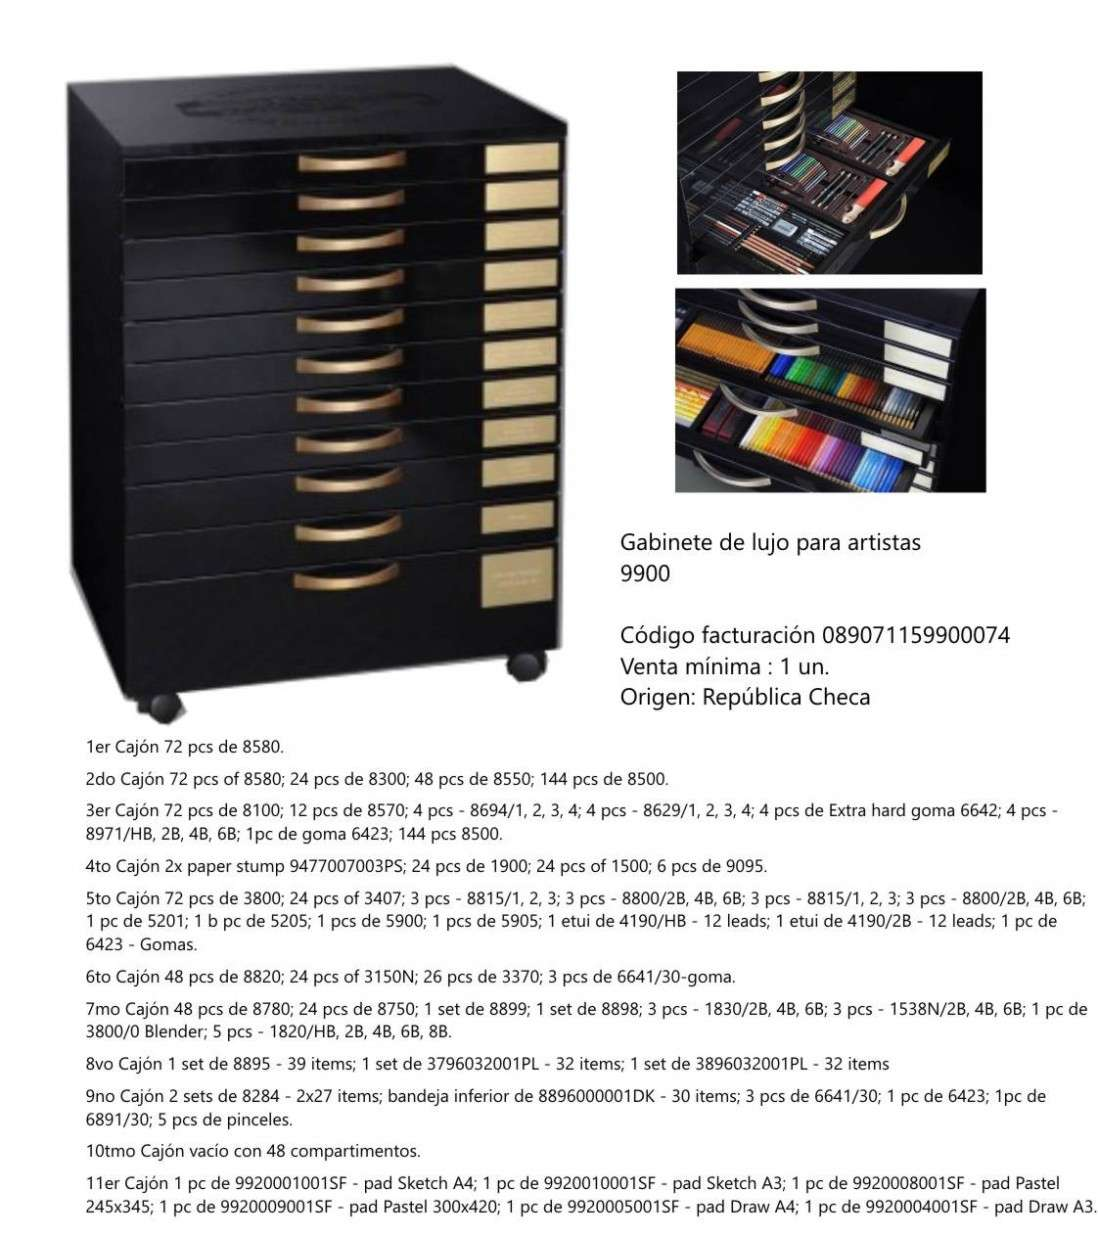 Gabinete de lujo para artistas koh i noor 99000740000 11 cajones gabinete de lujo para artistas koh i noor 99000740000 11 cajones con elementos urtaz Image collections